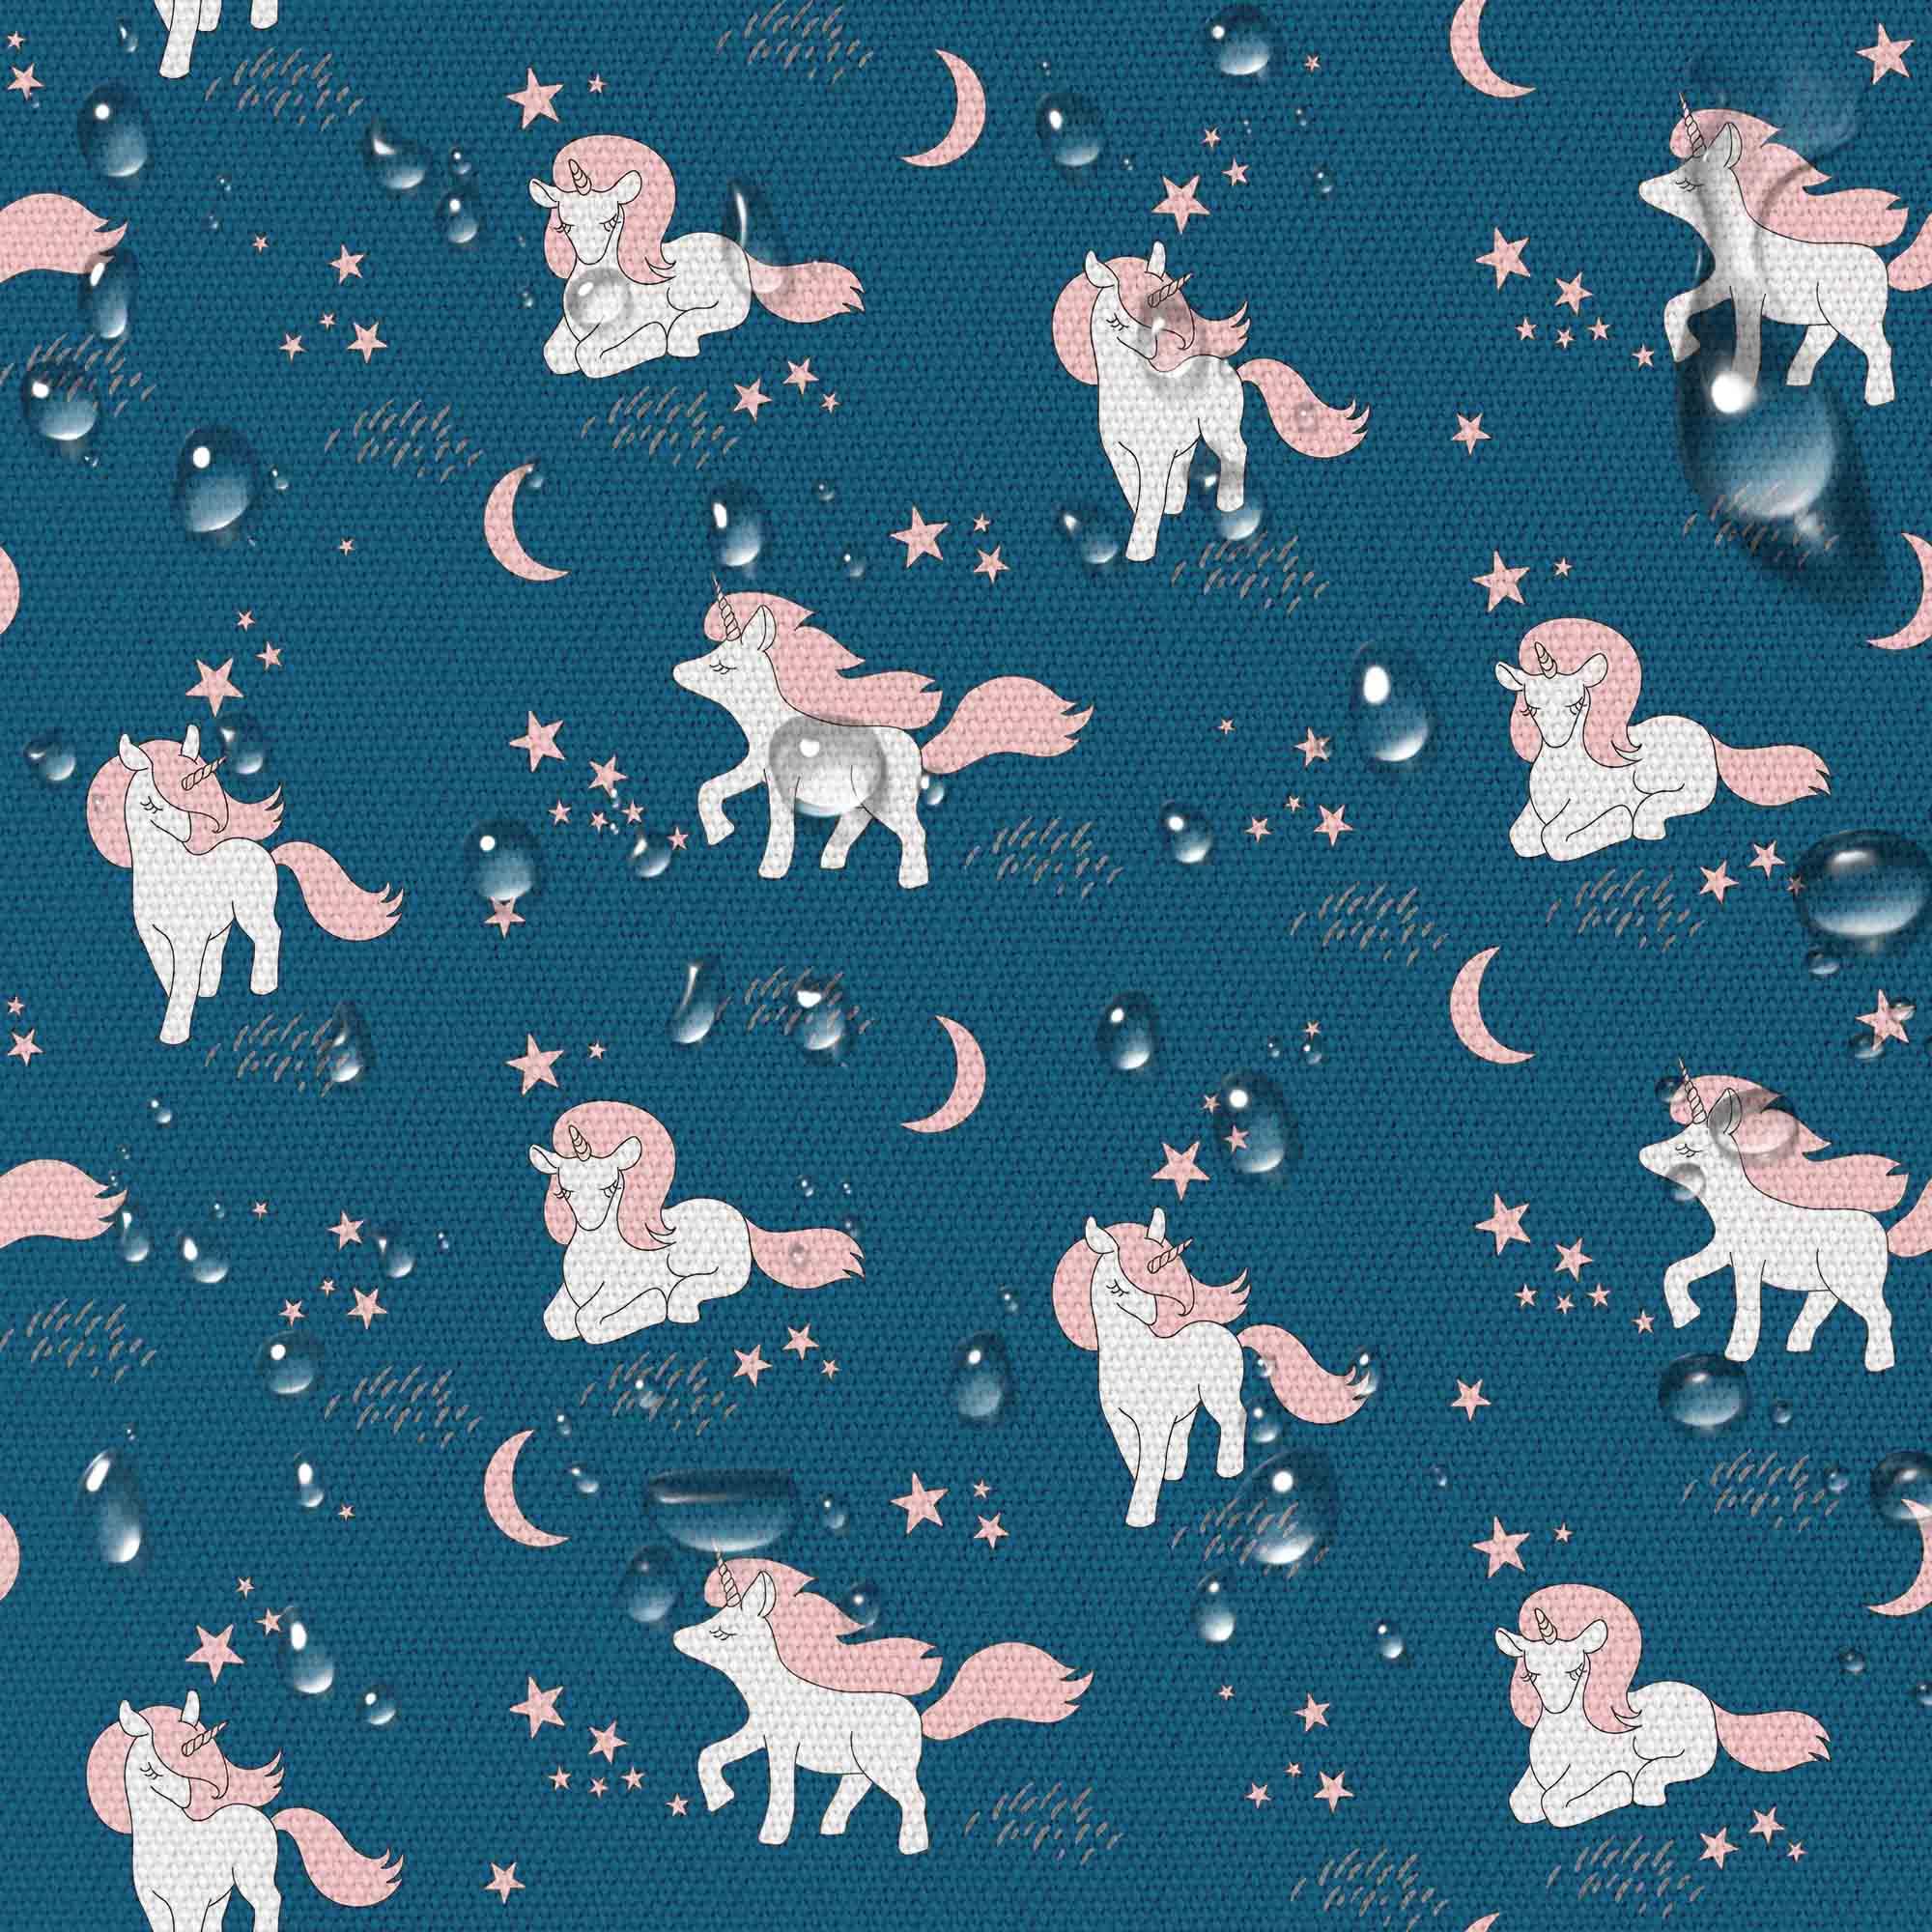 magical-pink-unicorns